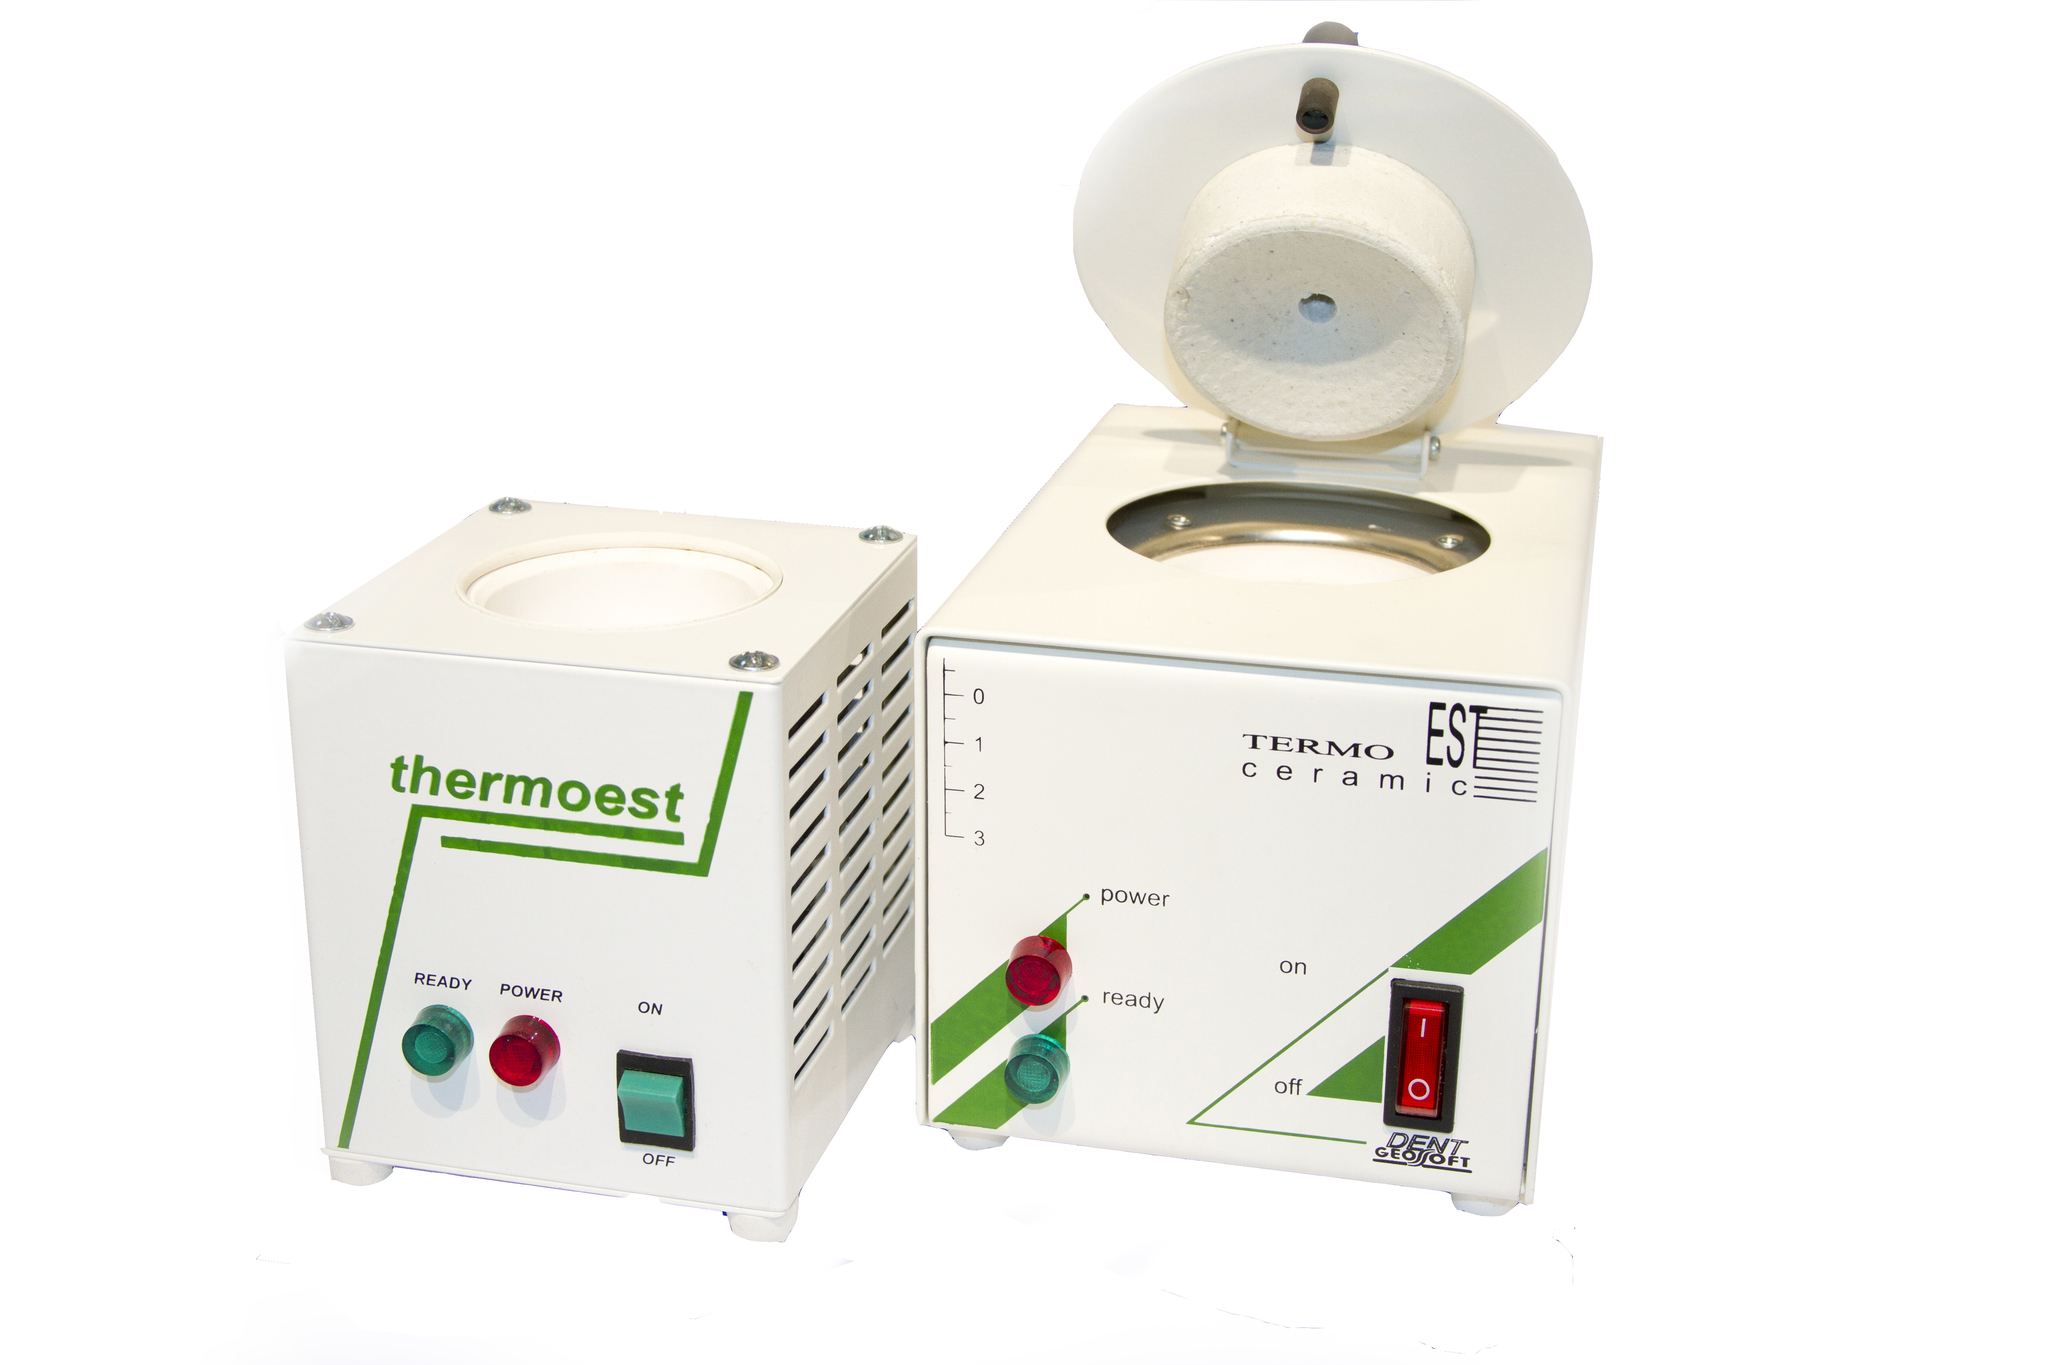 гласпереновый стерилизатор для маникюрных инструментов